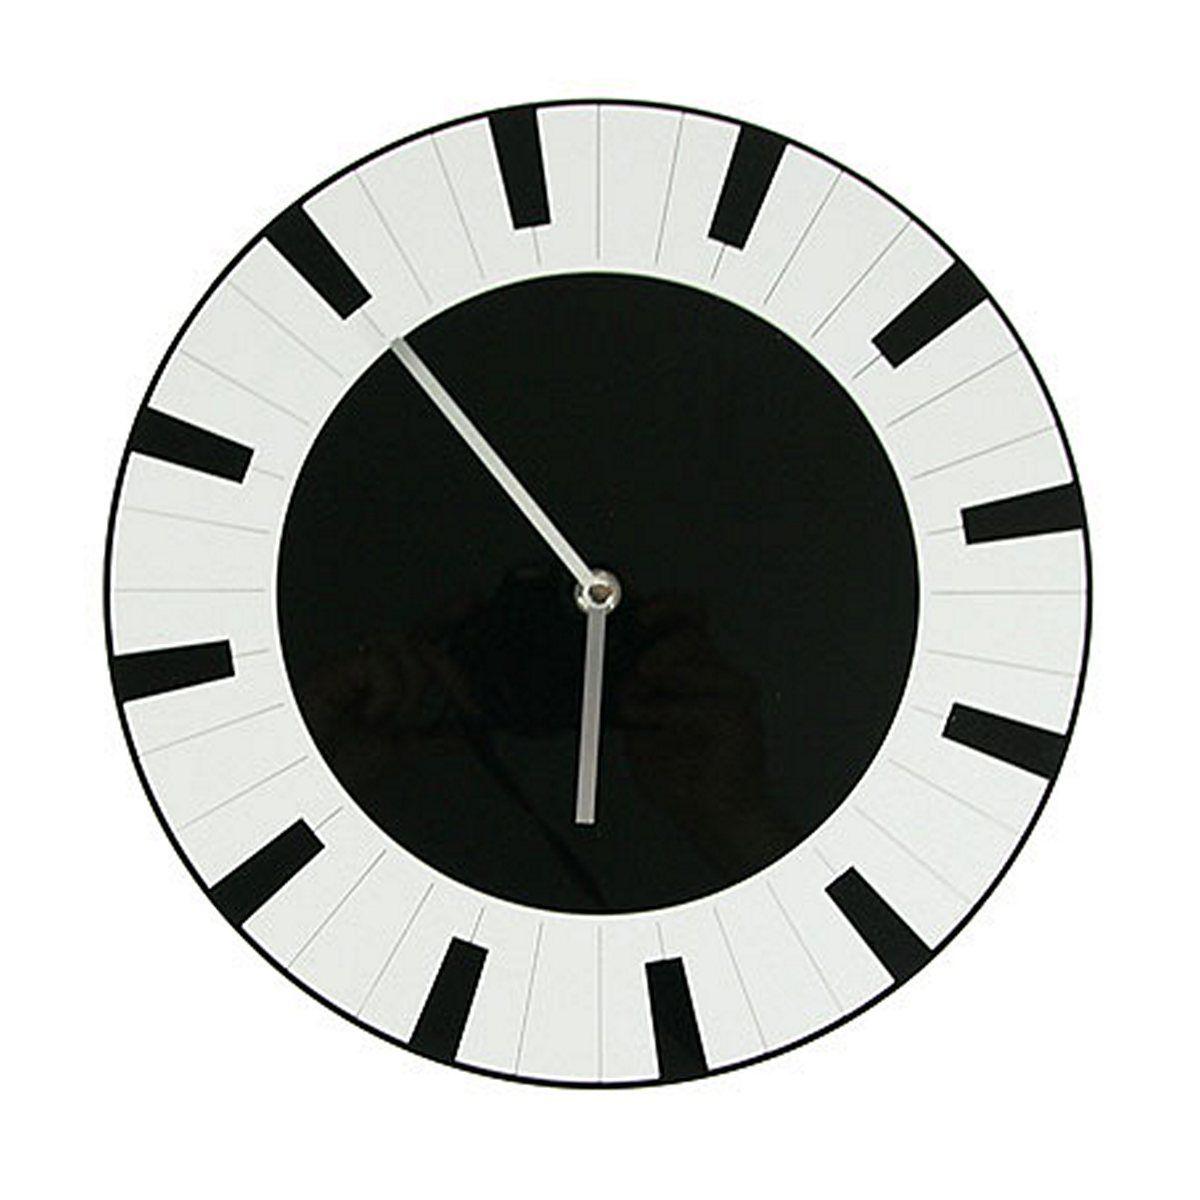 Часы настенные Русские Подарки, диаметр 30 см. 122419122419Настенные кварцевые часы Русские Подарки изготовлены из полиамида. Часы имеют две стрелки - часовую и минутную. С обратной стороны имеется петелька для подвешивания на стену. Изящные часы красиво и оригинально оформят интерьер дома или офиса. Также часы могут стать уникальным, полезным подарком для родственников, коллег, знакомых и близких. Часы работают от батареек типа АА (в комплект не входят).